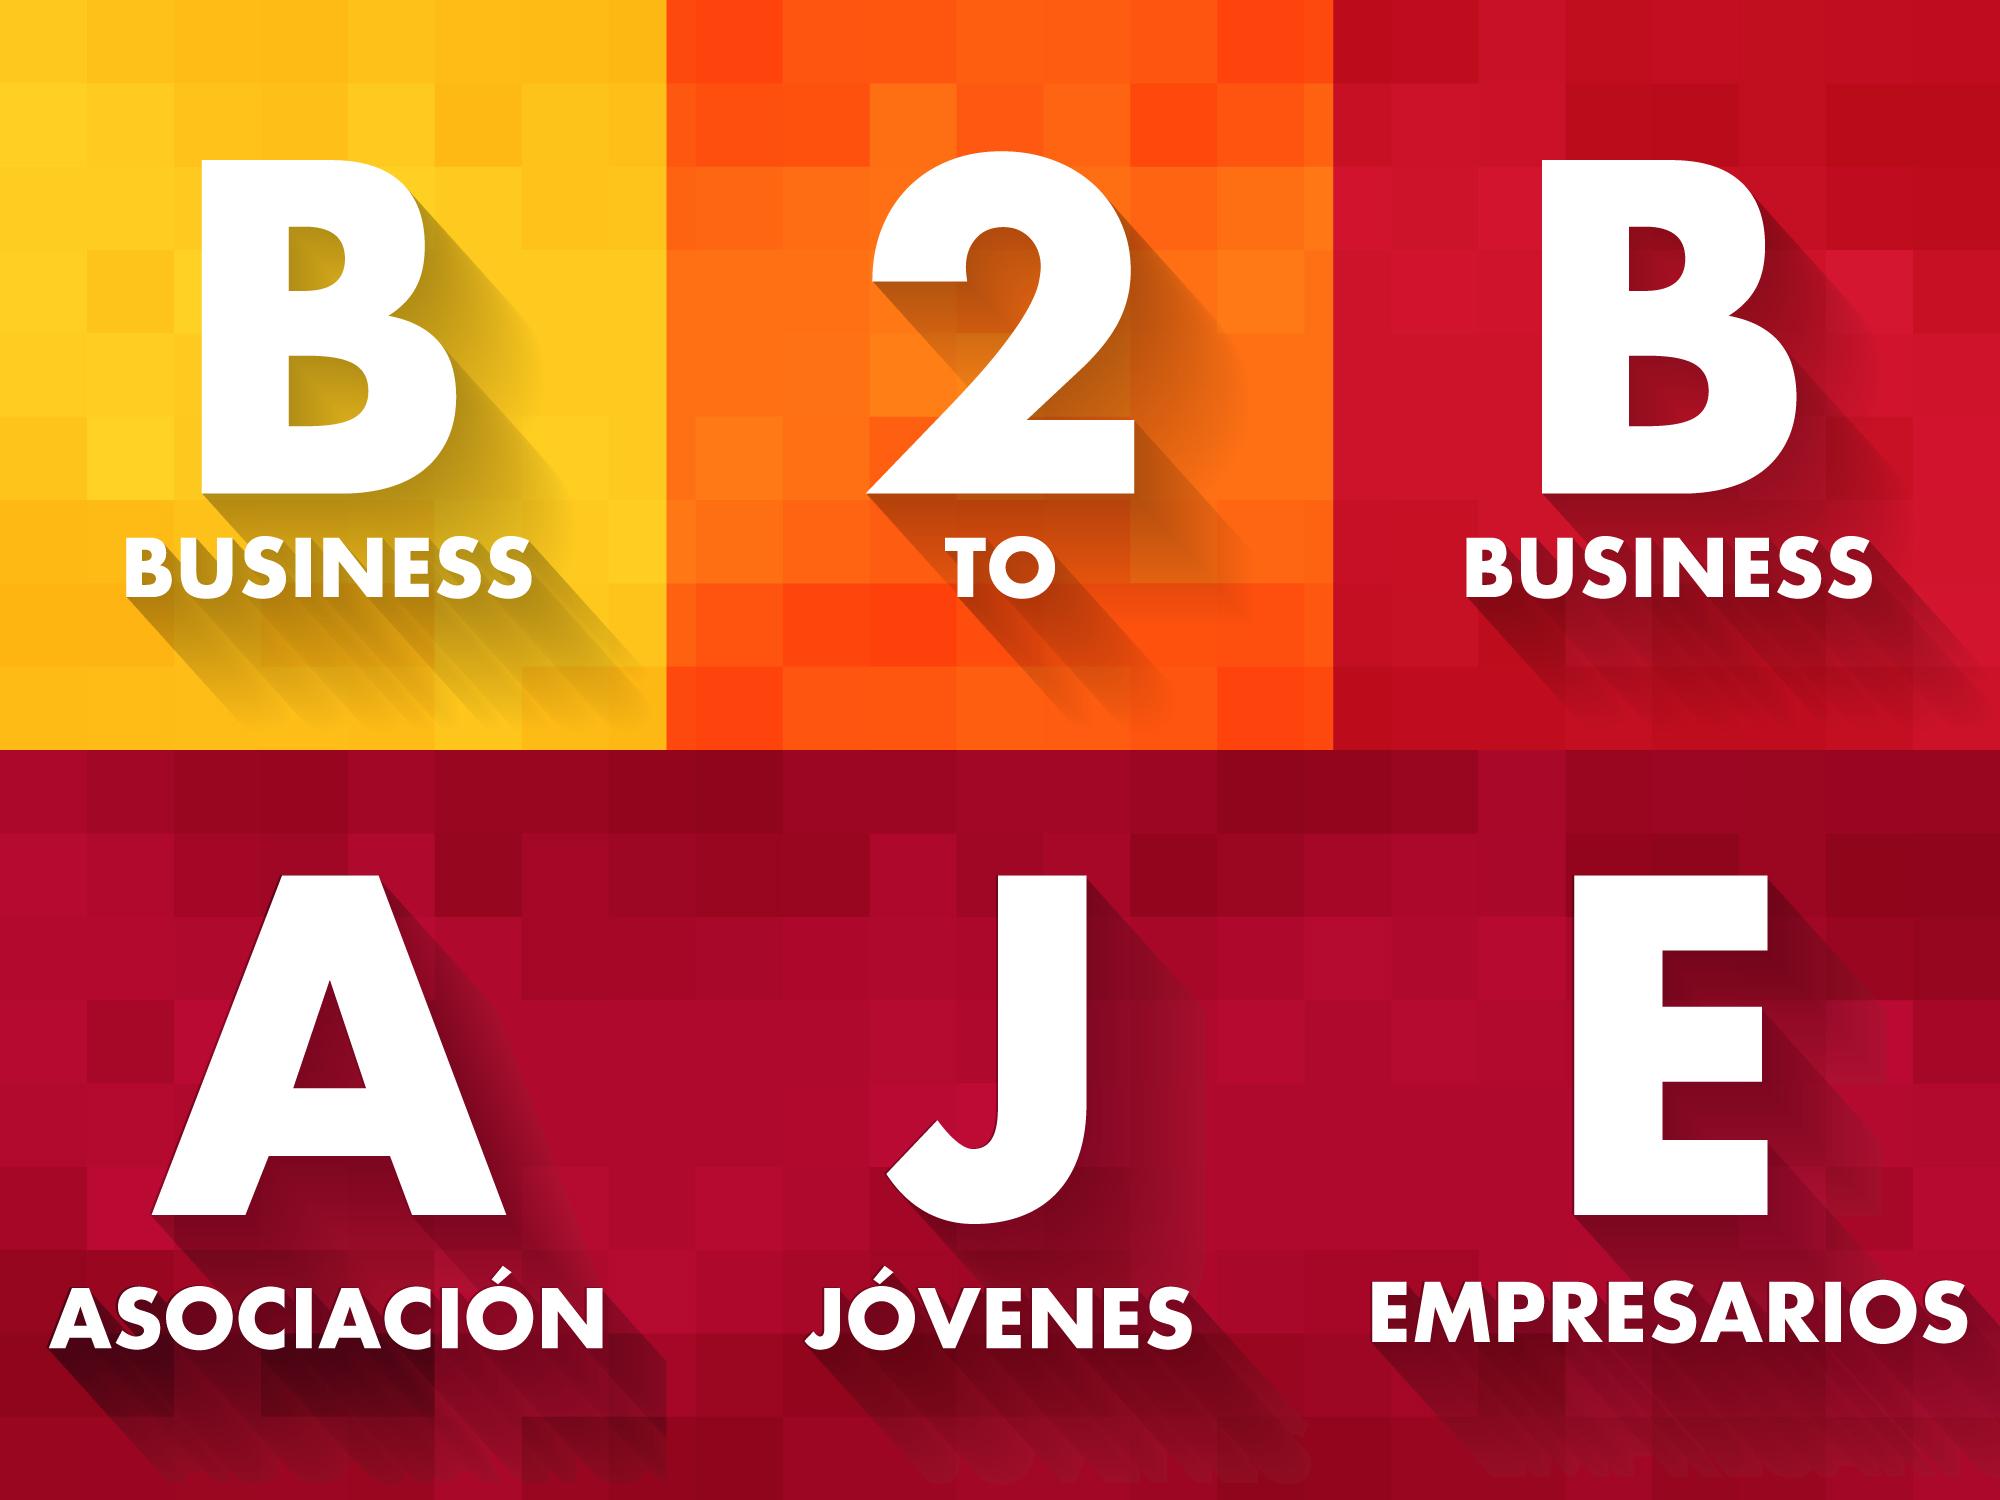 AJE Andalucía crea una plataforma virtual para favorecer los encuentros de negocio entre empresas andaluzas